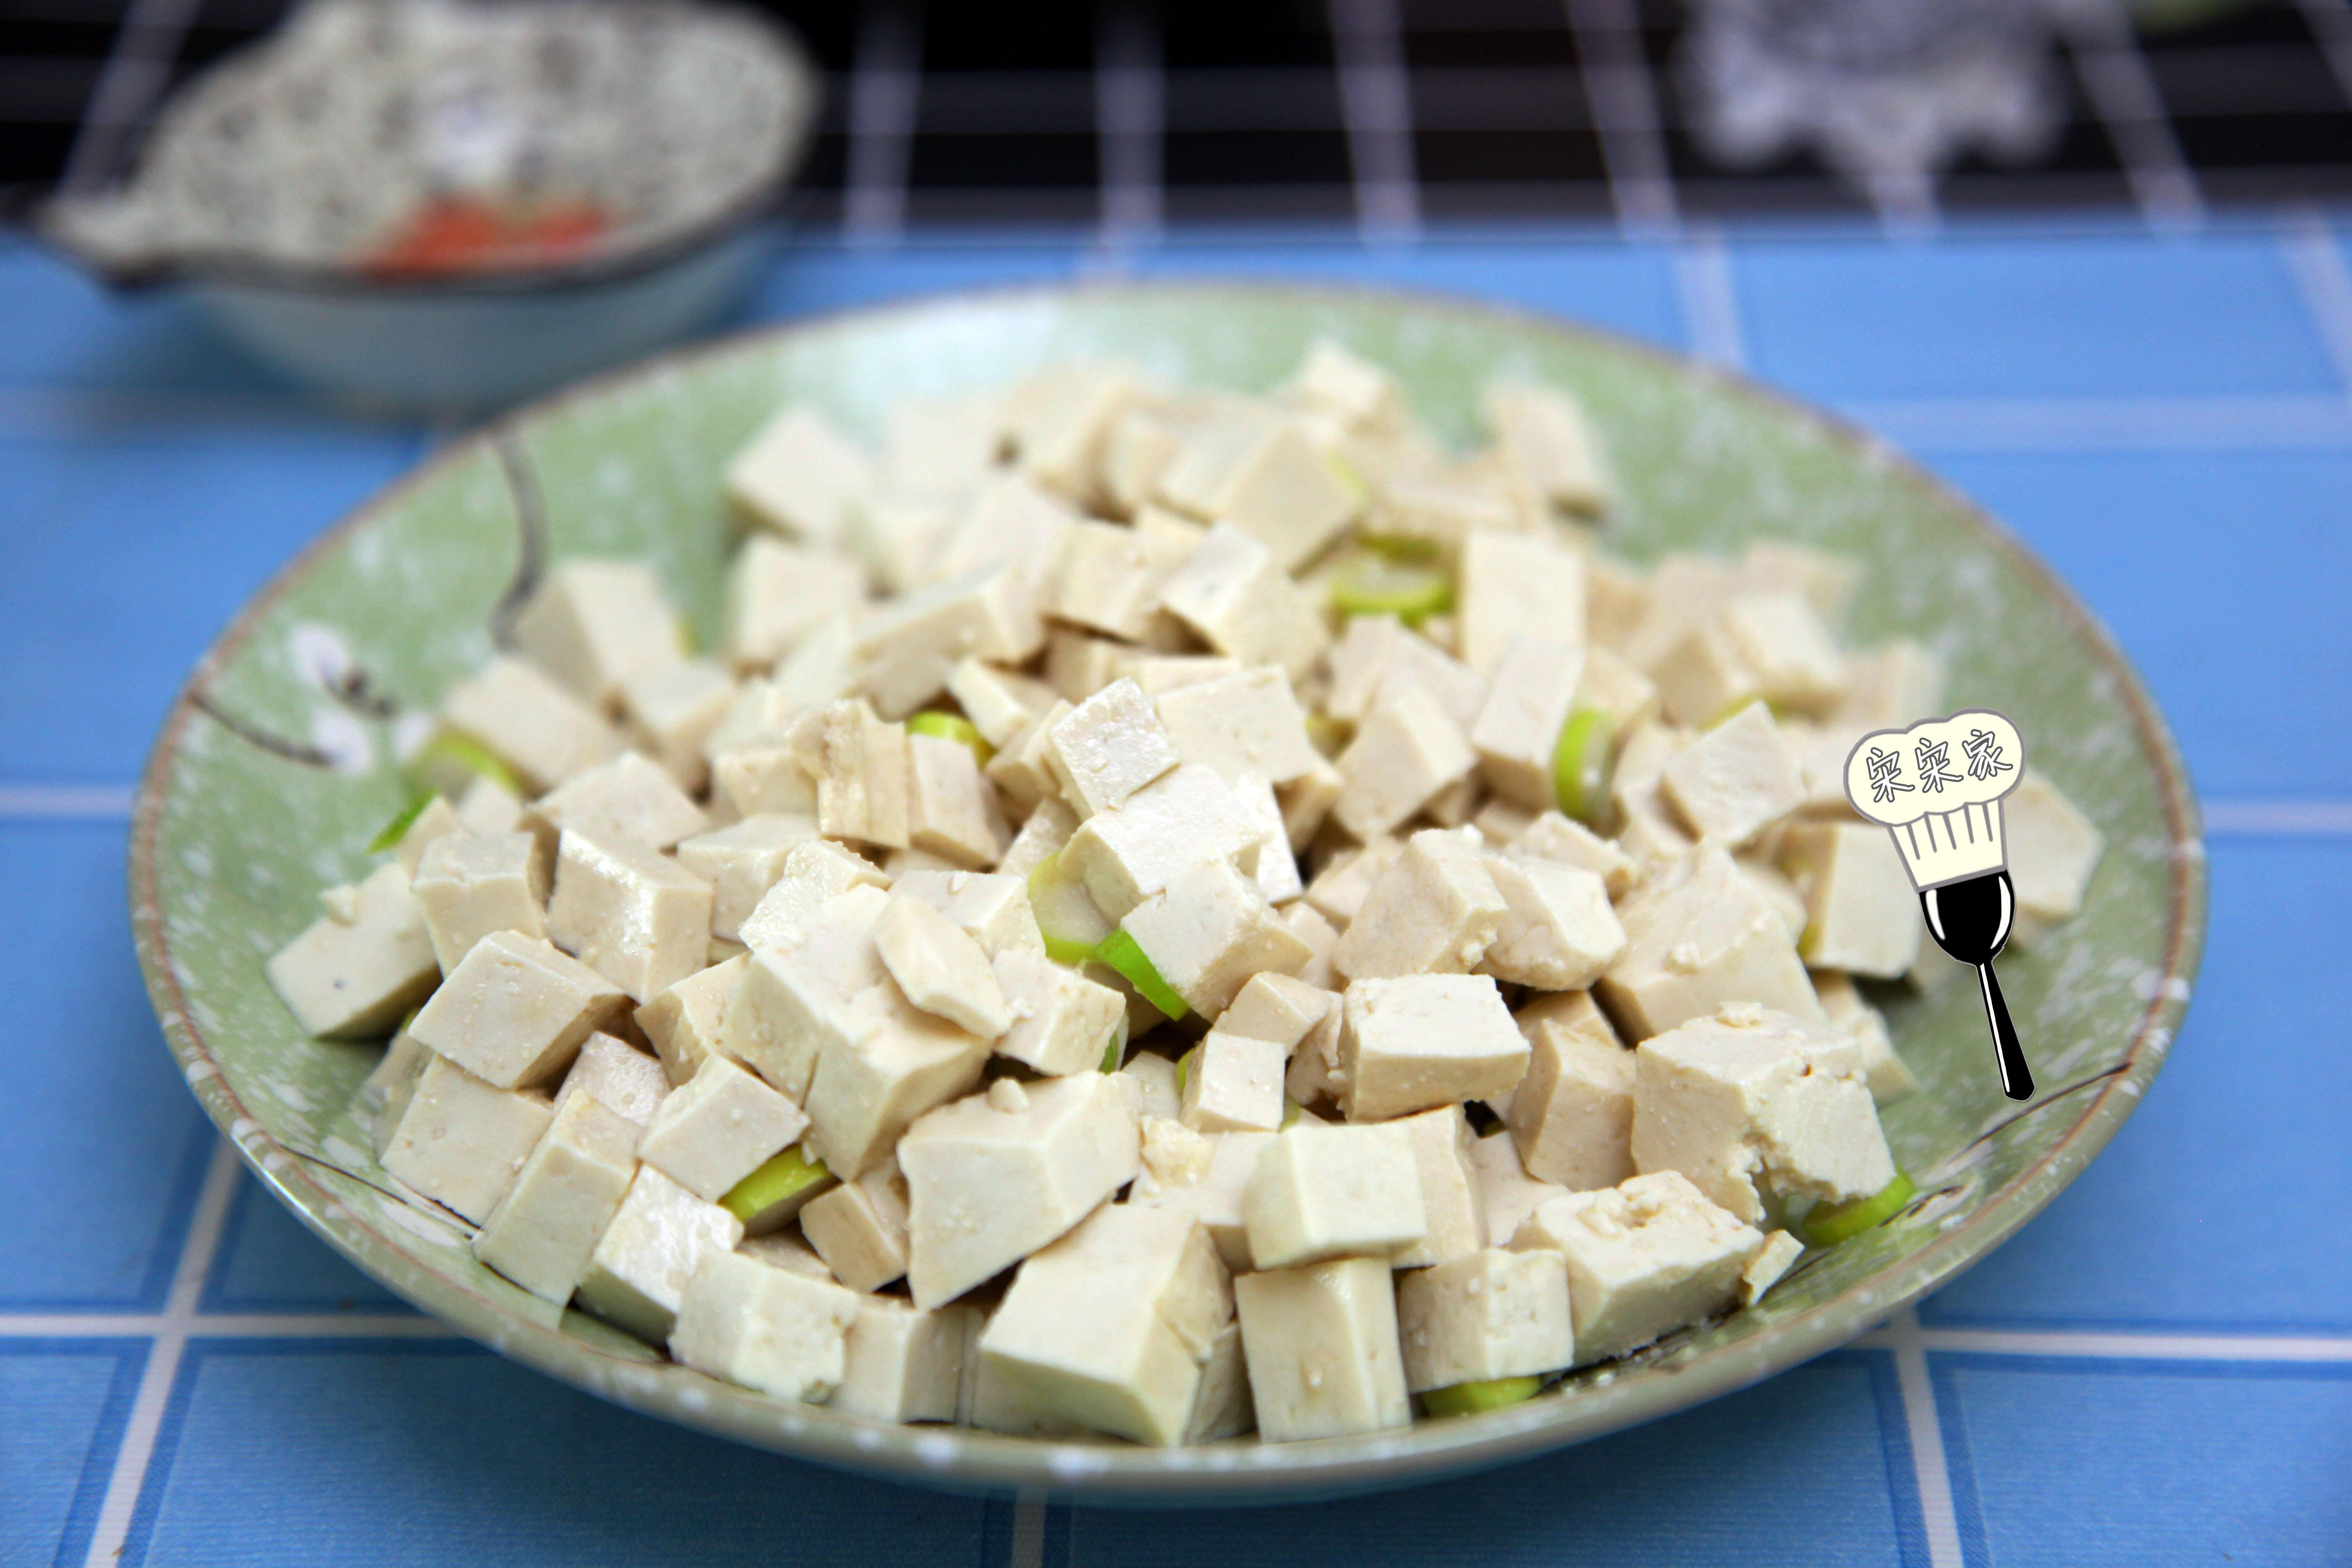 小葱拌豆腐吃掉txt_过年,好酒好菜不稀罕,来盘这个很不错,把胖起来的肉瘦回去 ...